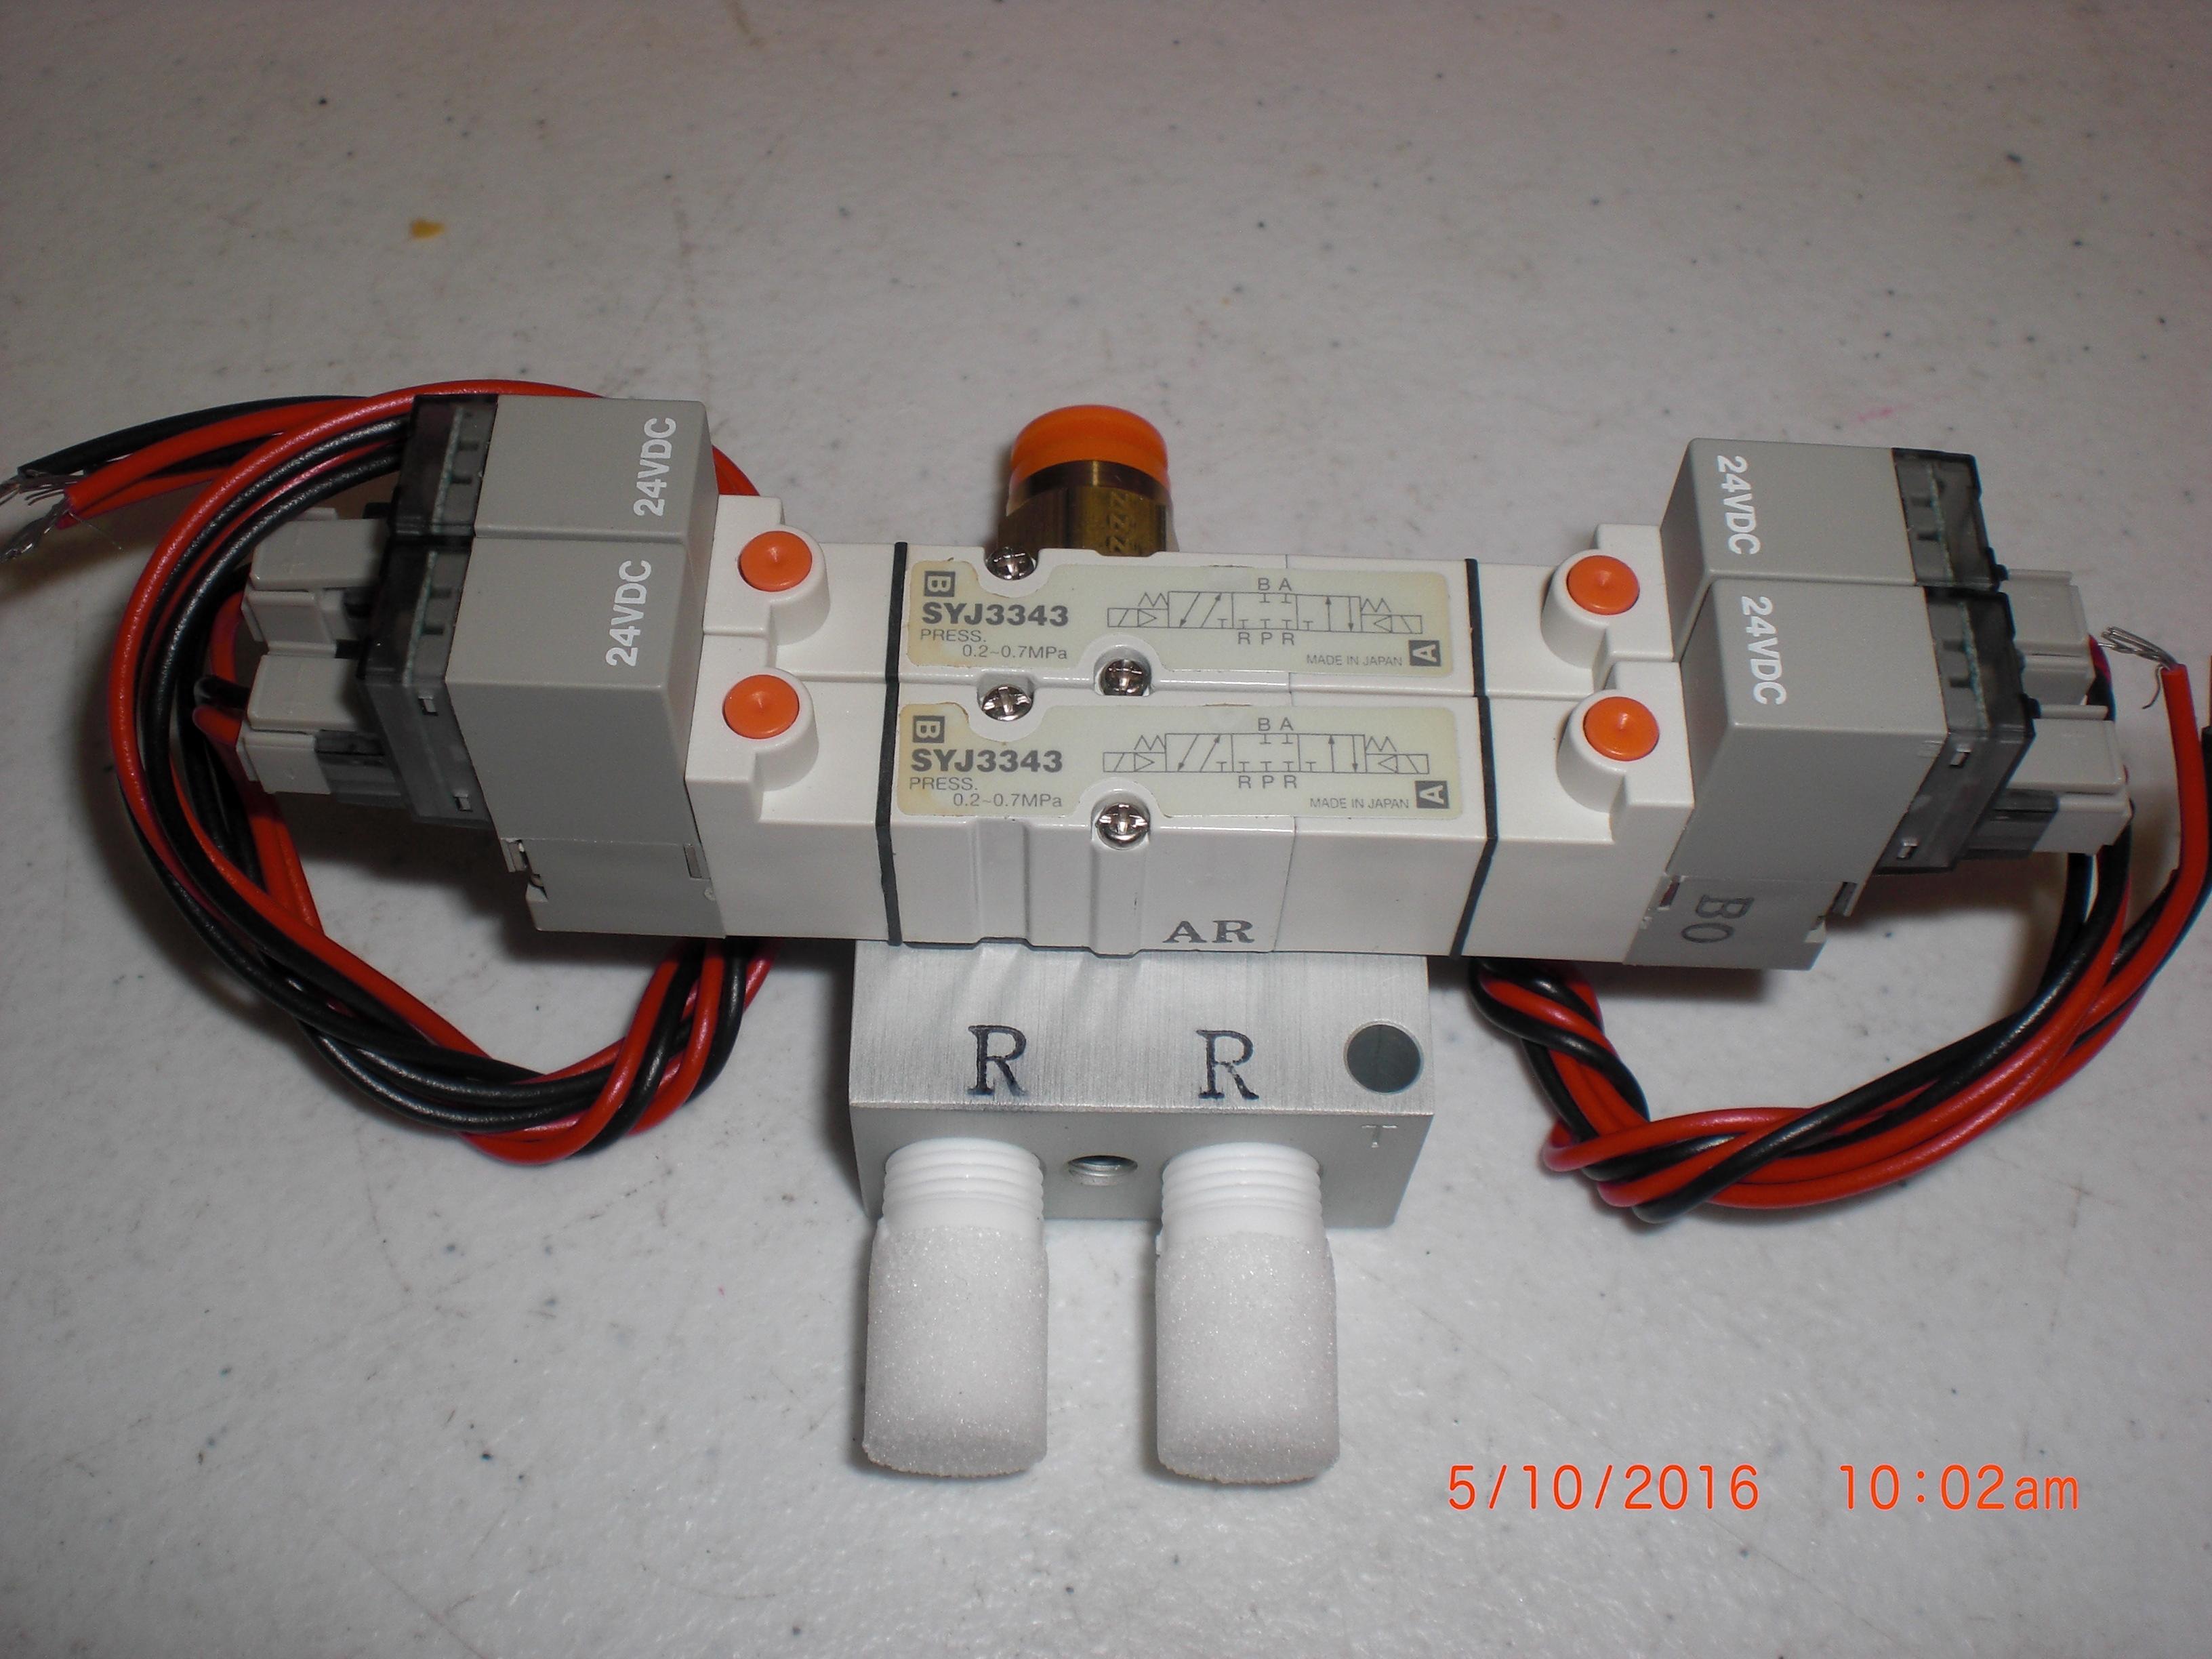 Valve SMC SYJ3343 2 position manifold valve 24vdc